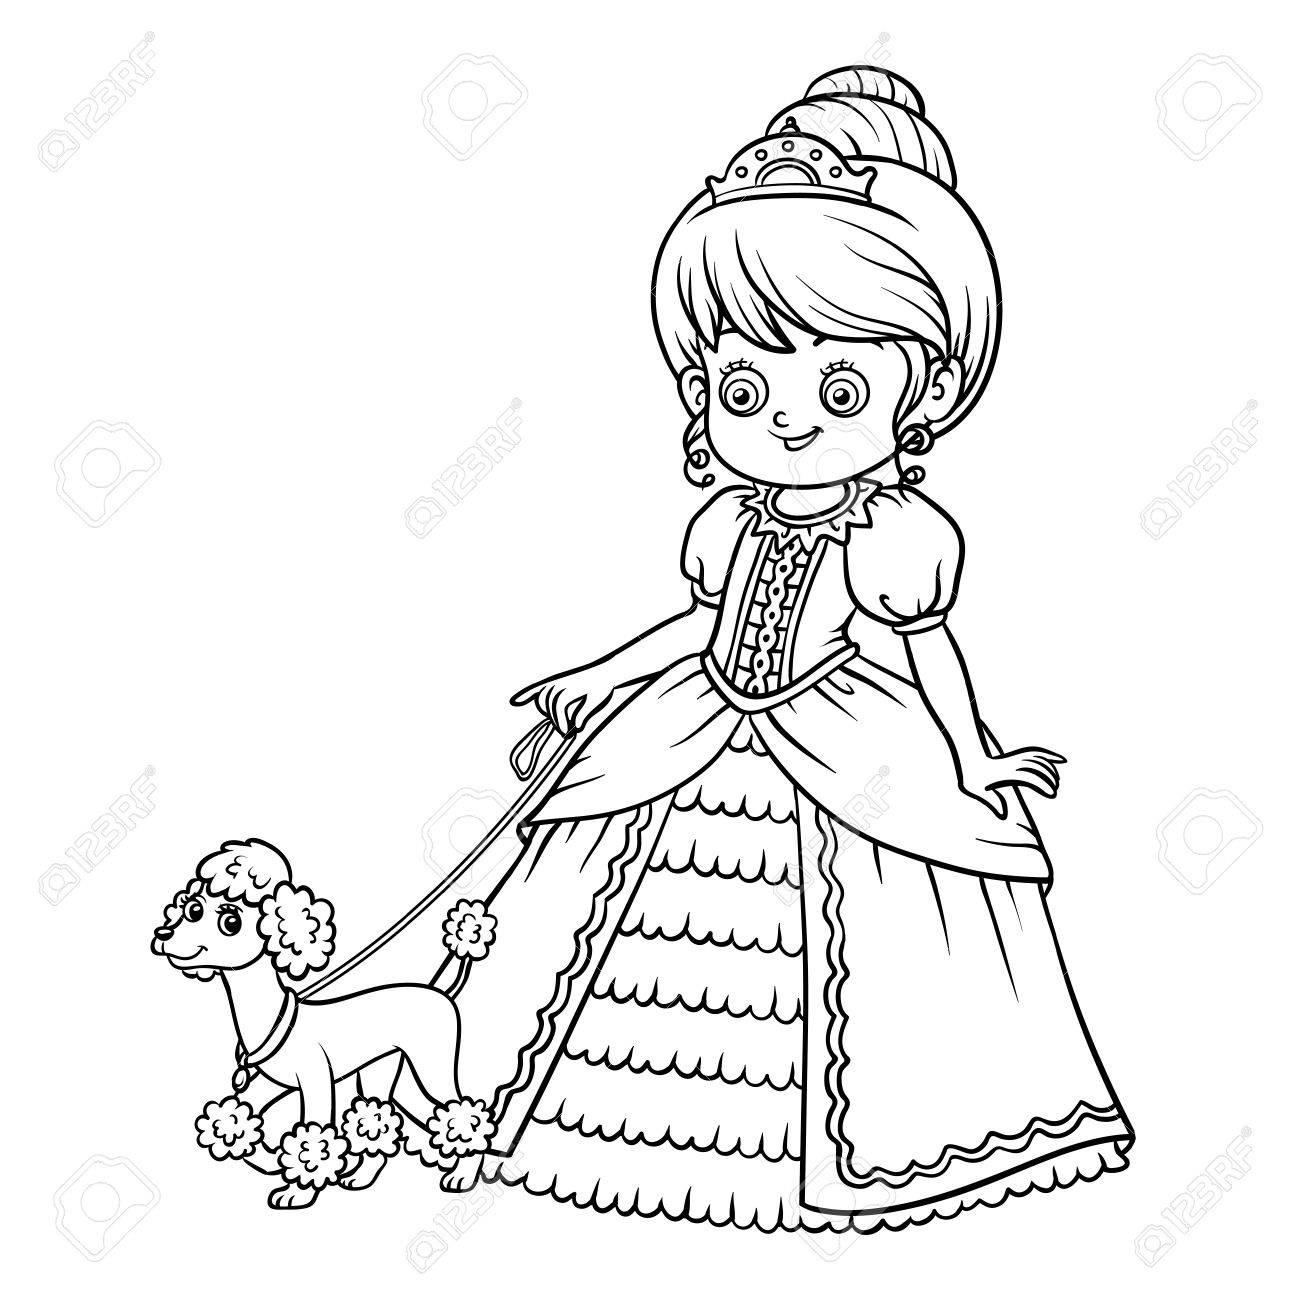 プードルのプリンセス子供用漫画のキャラクターの塗り絵のイラスト素材